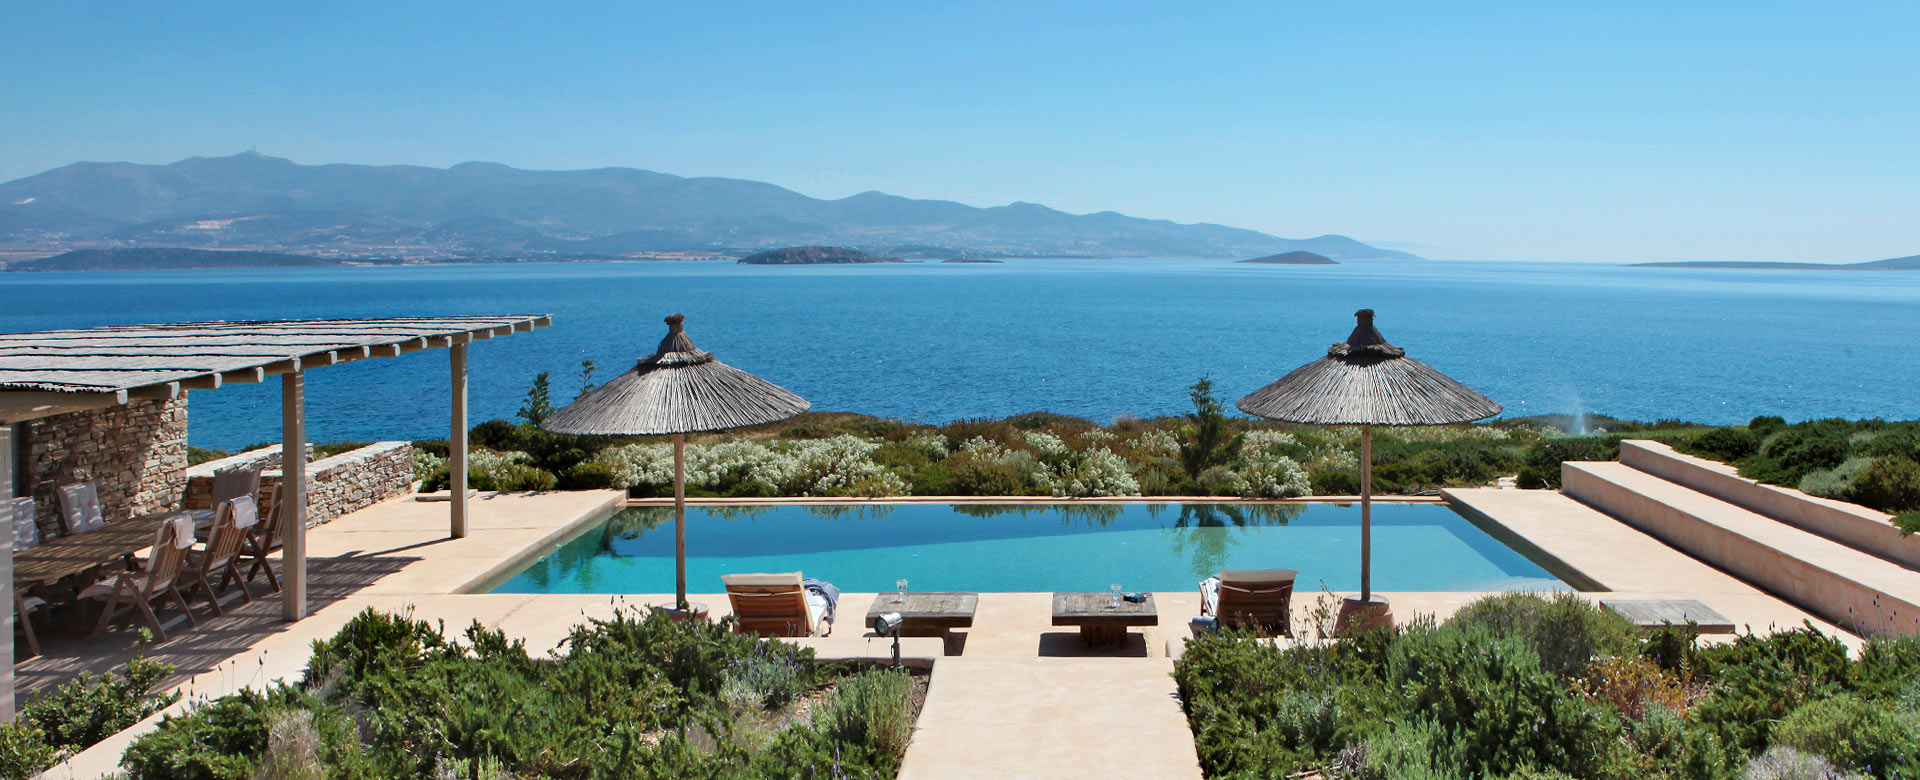 affitto villa grecia  villa vacanze grecia  villa di lusso grecia